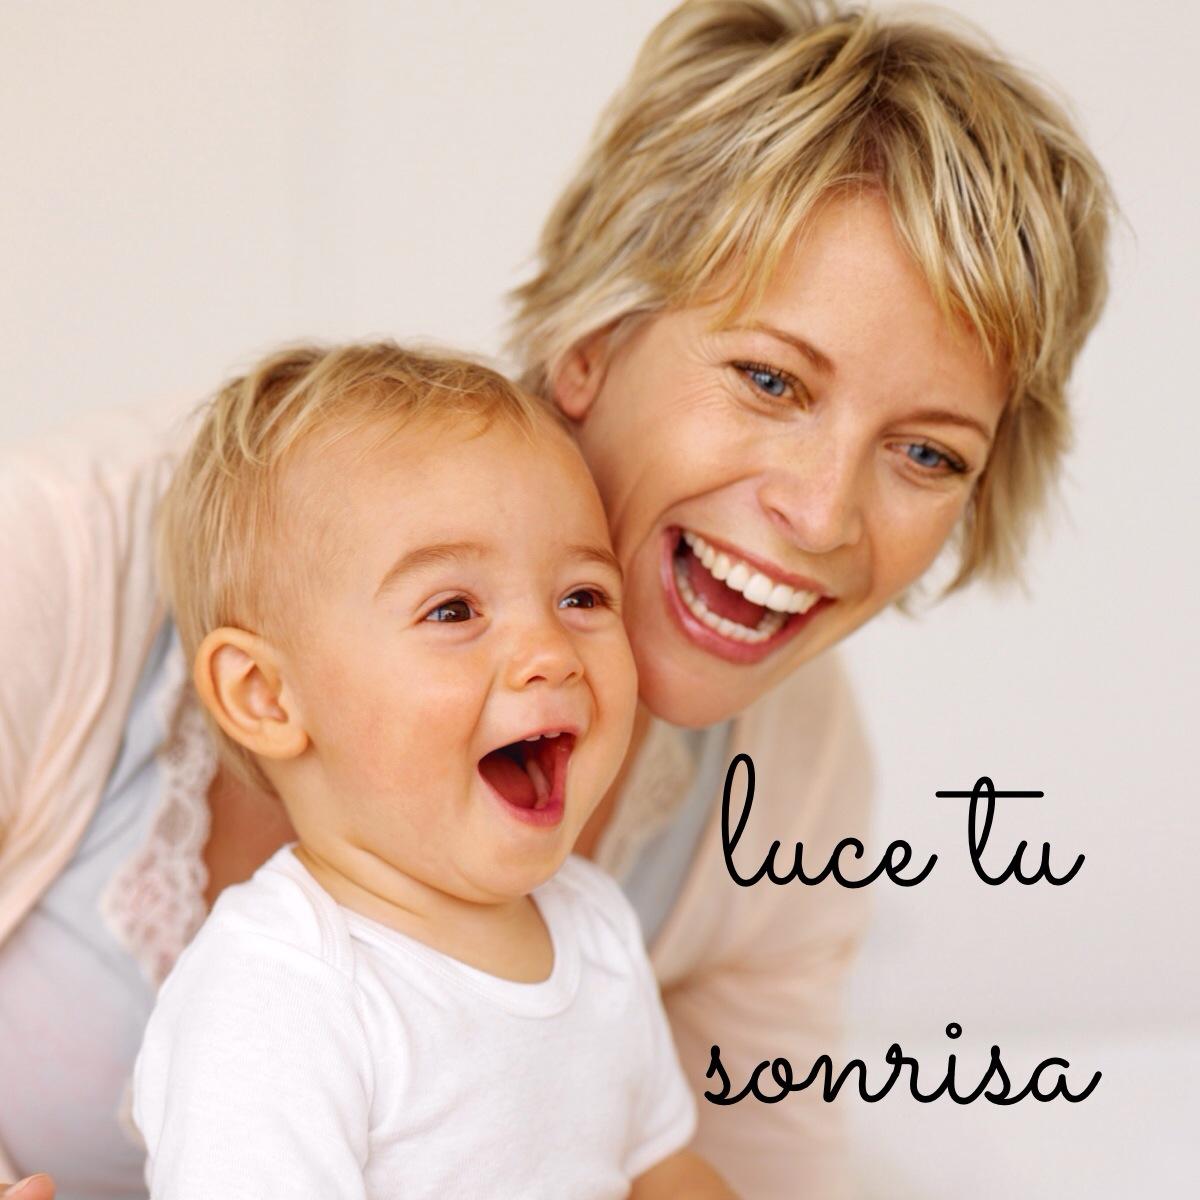 ¡Luce tu sonrisa! Tiene beneficios para la salud